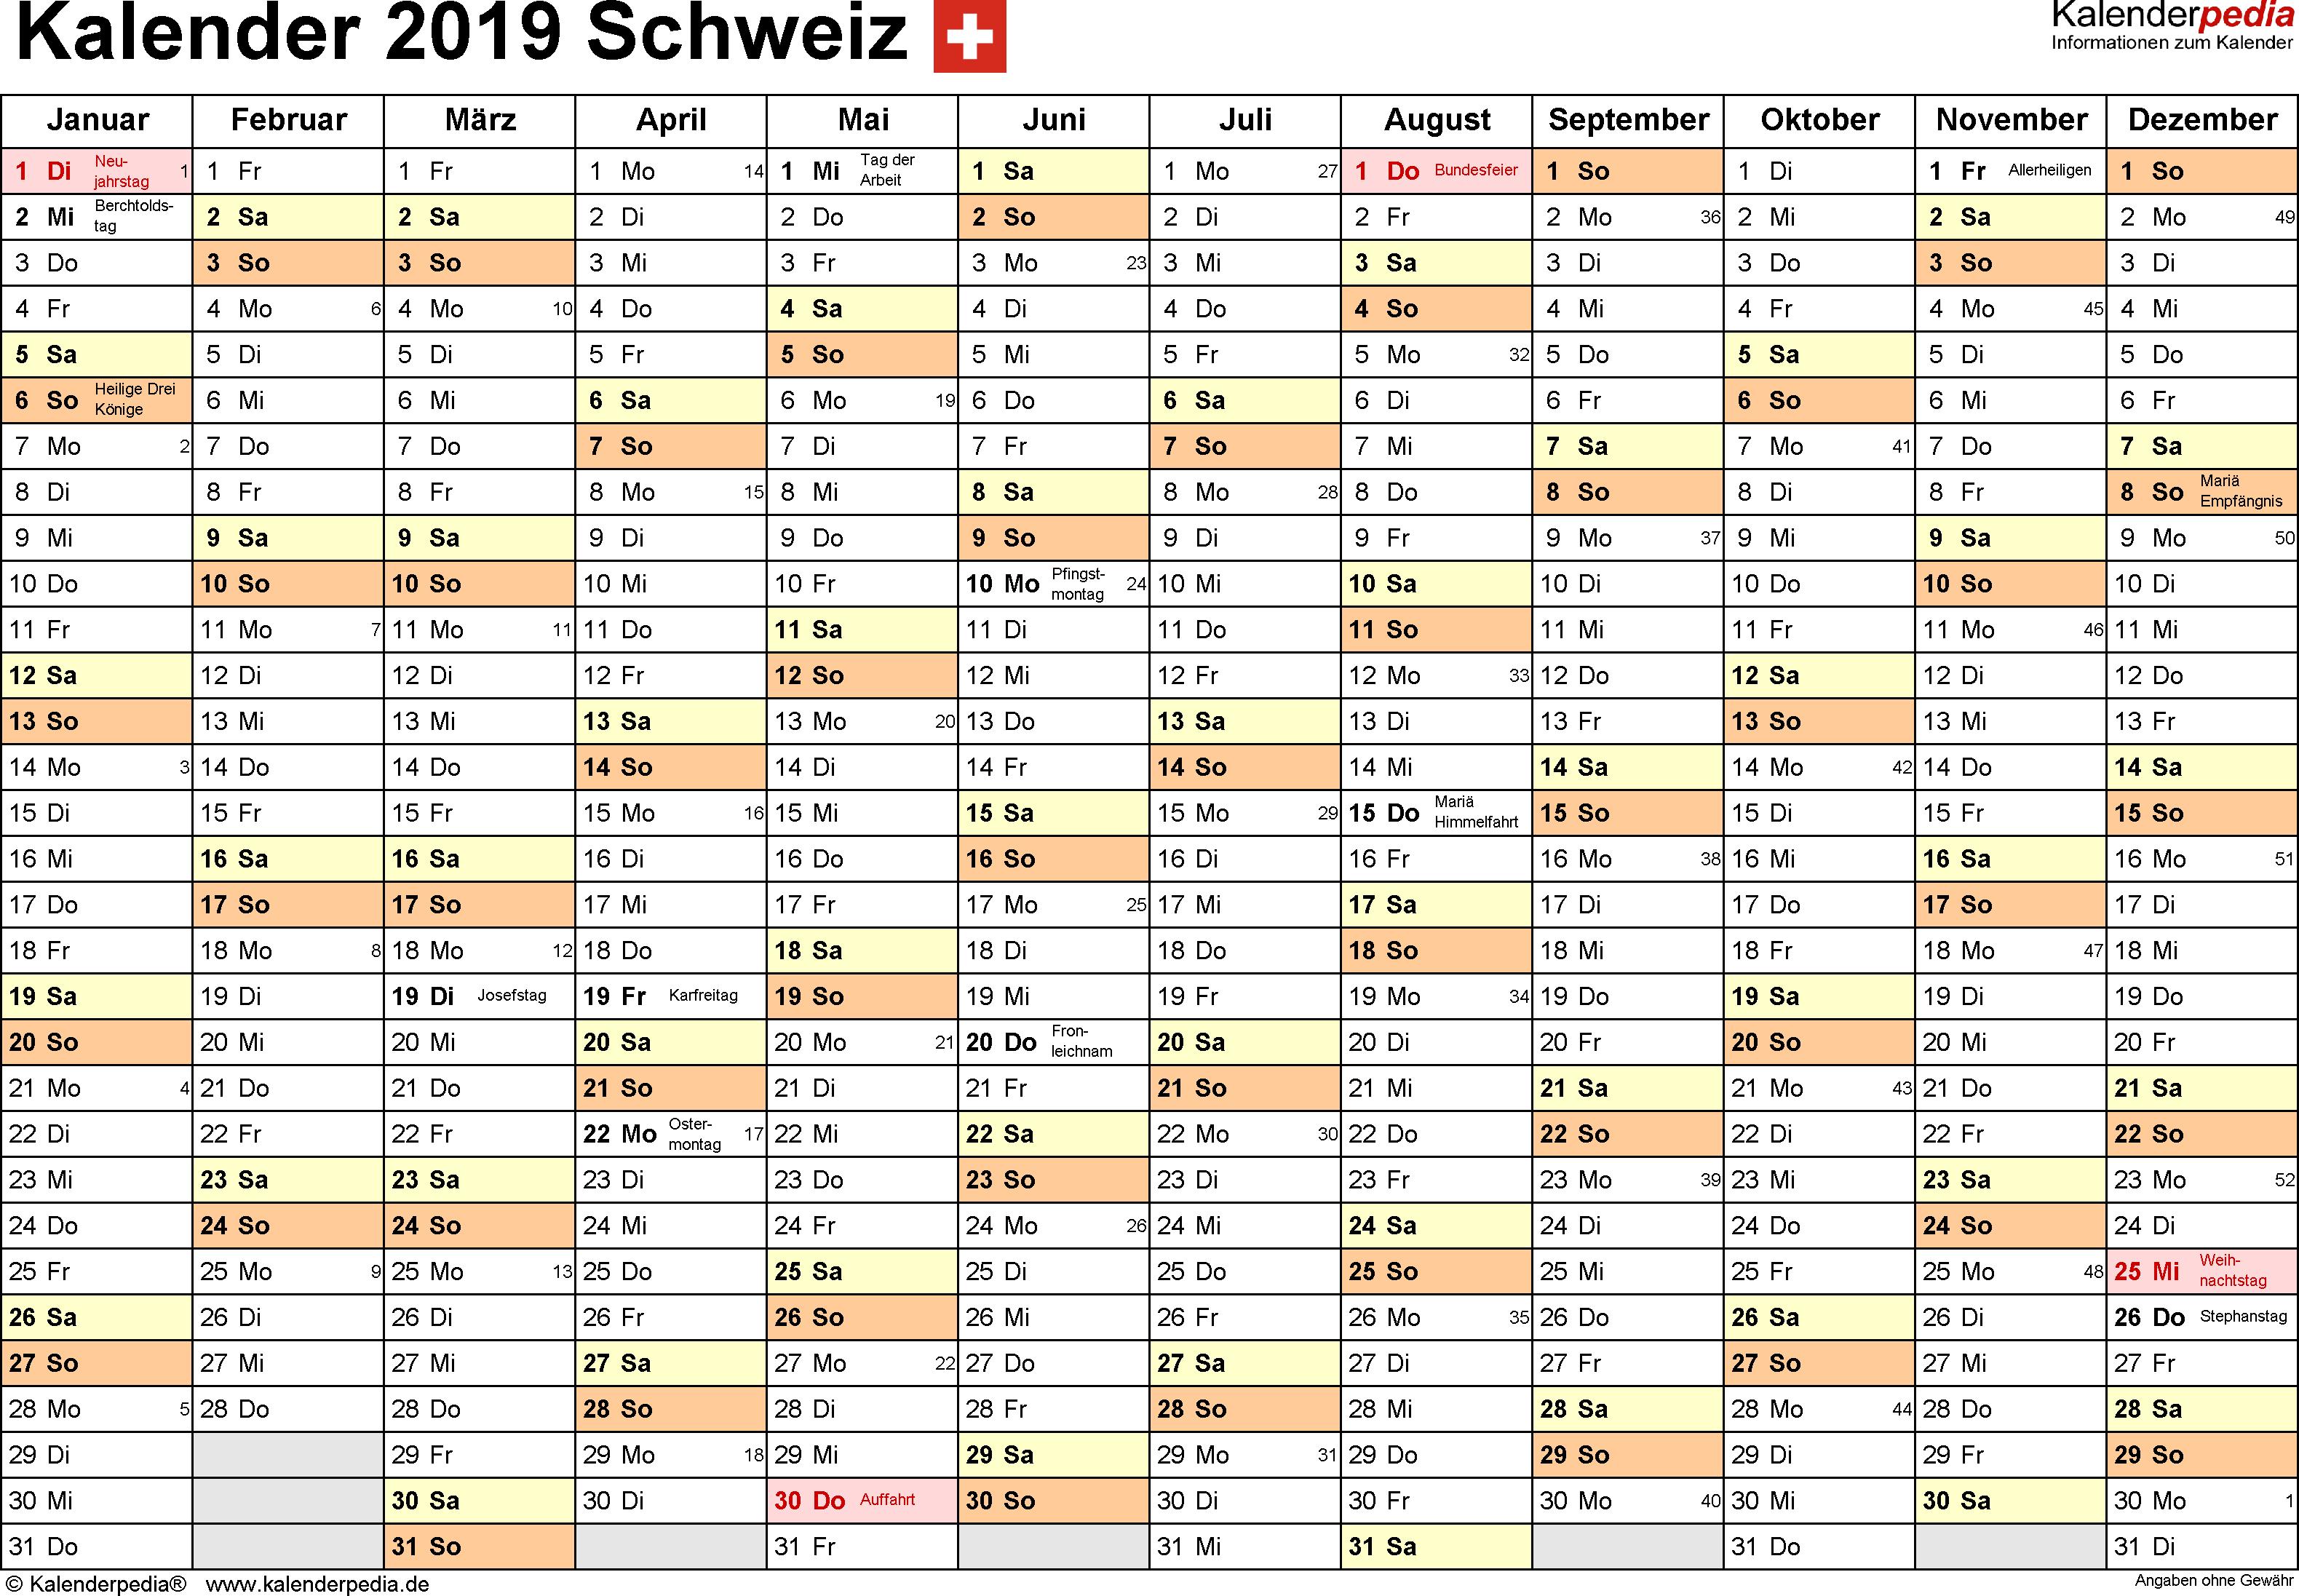 Vorlage 2: Kalender 2019 für die <span style=white-space:nowrap;>Schweiz als Microsoft Excel-Datei (.xlsx), Querformat, 1 Seite, Monate nebeneinander